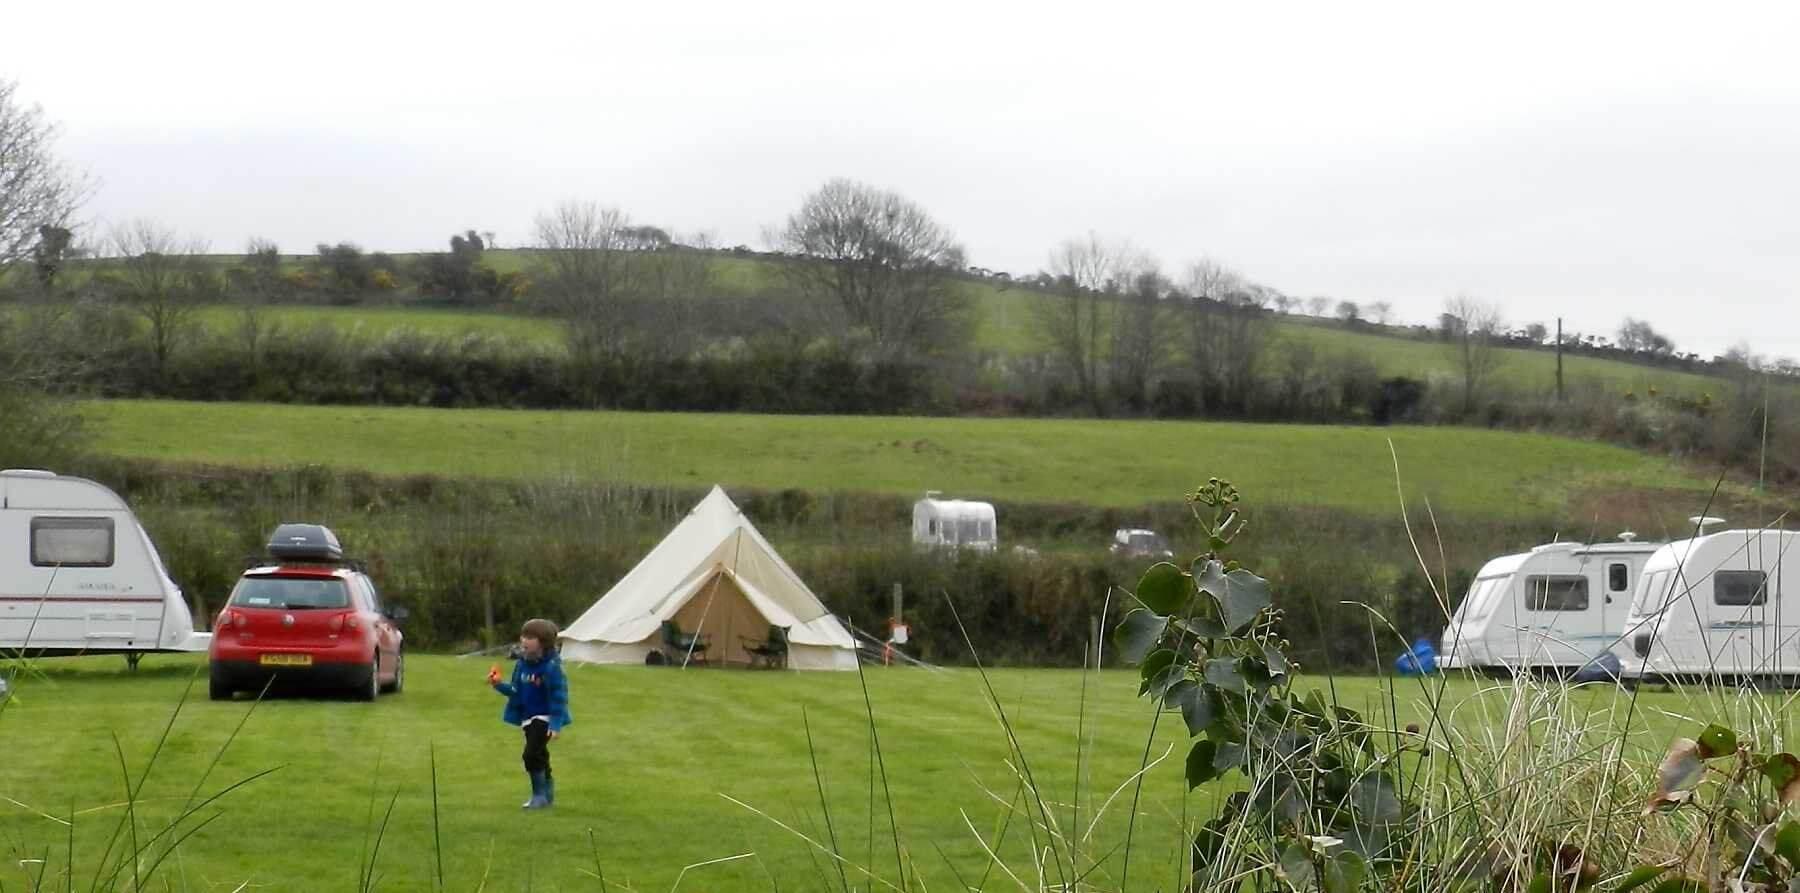 Dolbryn Caravan & Camping, Newcastle Emlyn, Carmarthenshire | Head Outside